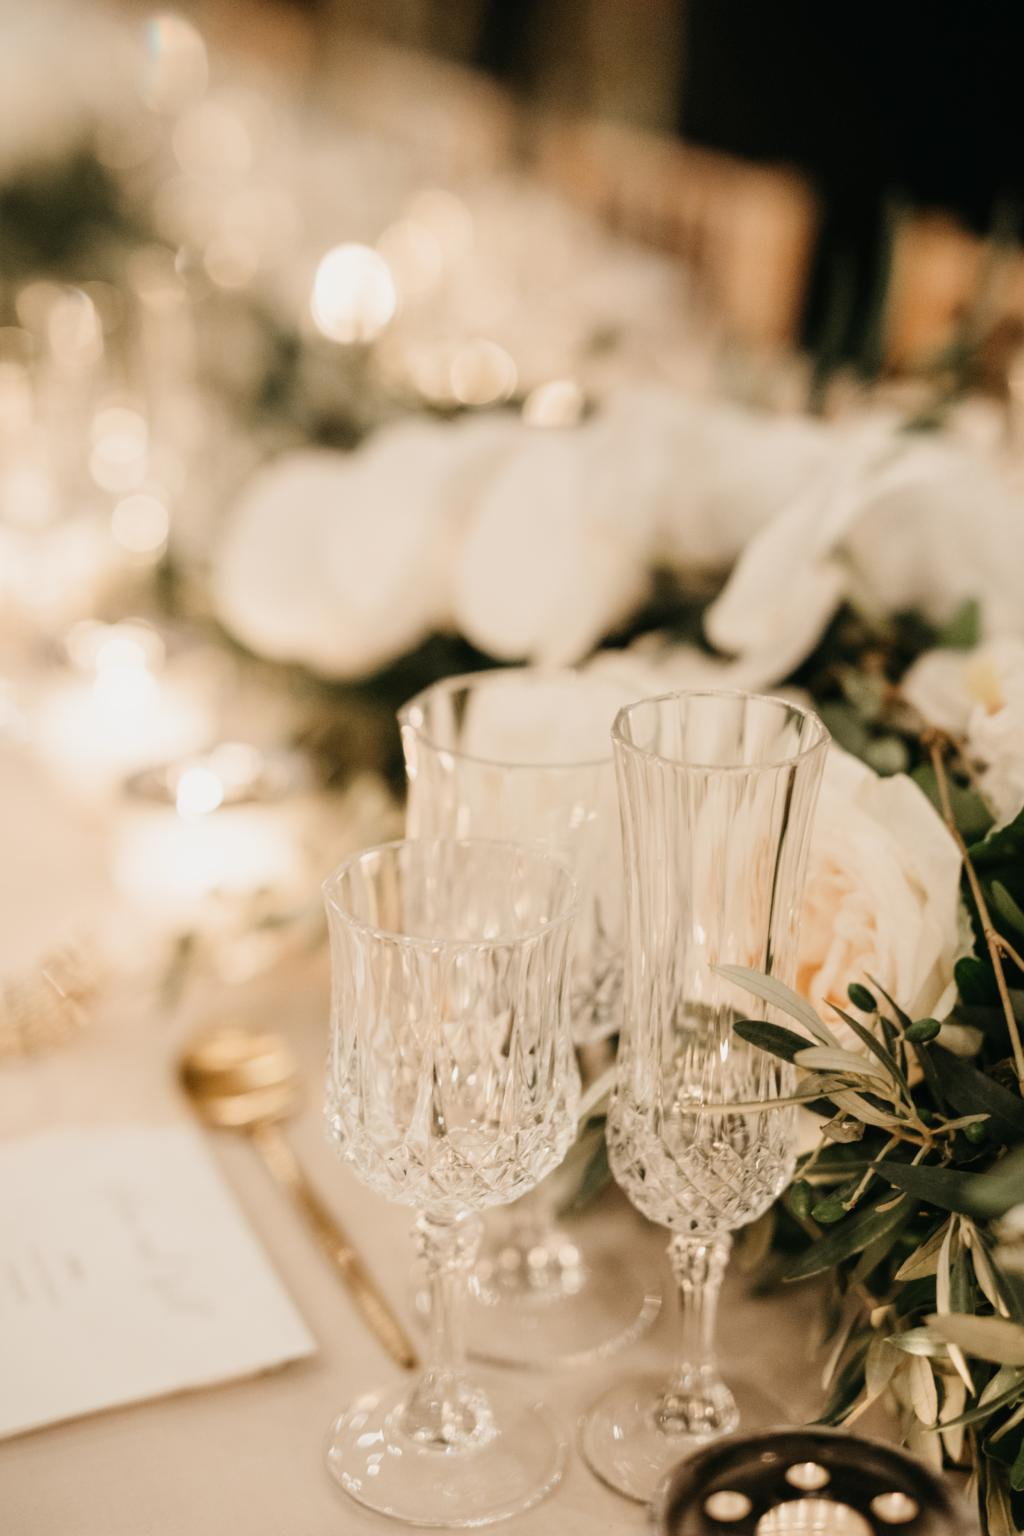 H&W Syros wedding - Image 22